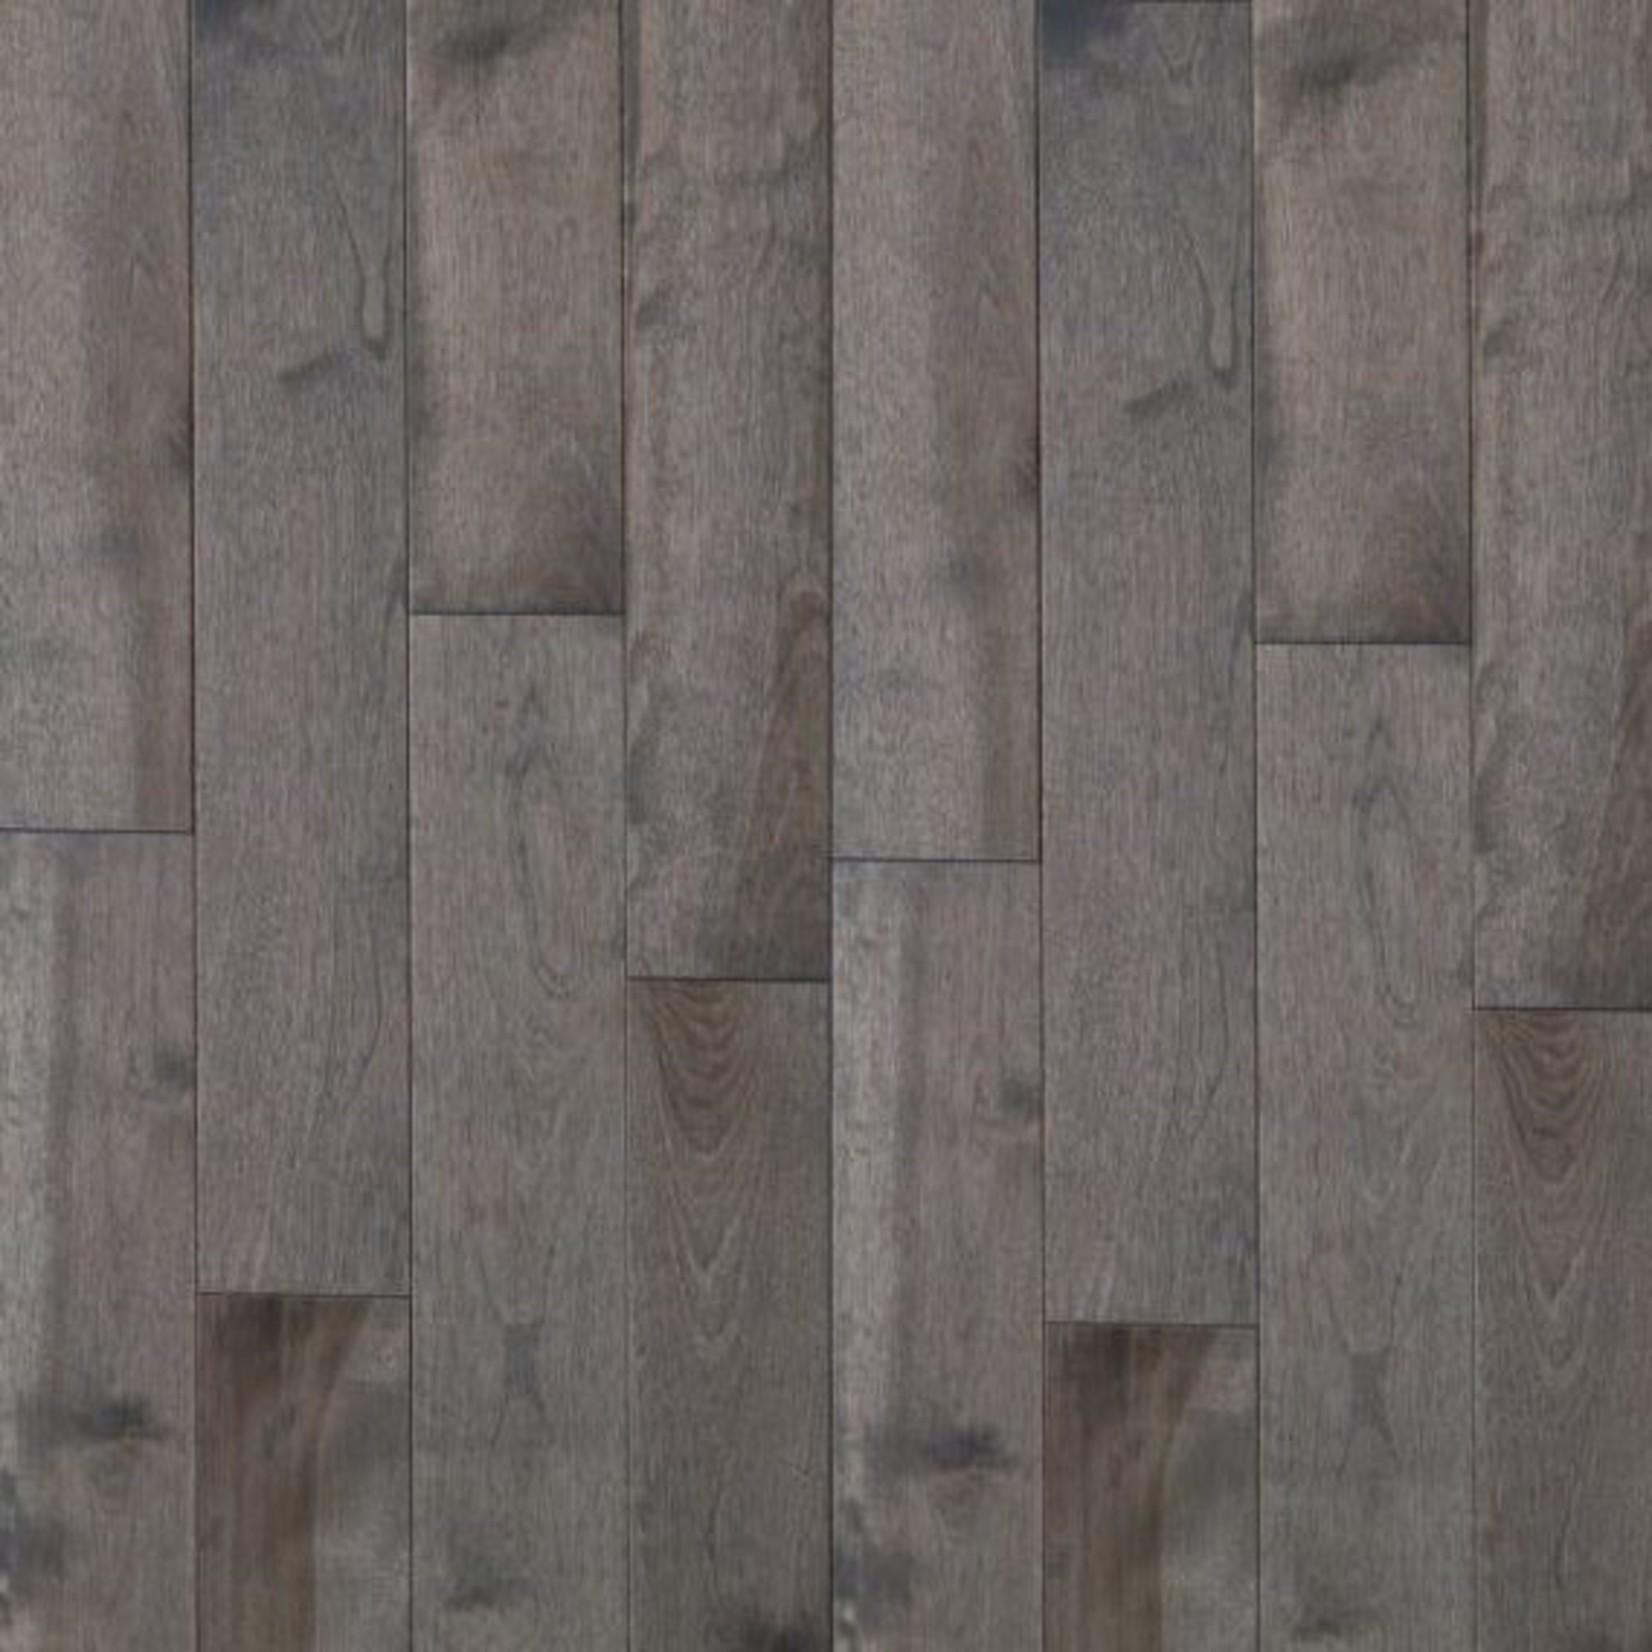 Dubeau Planchers Dubeau - Plancher Merisier variation verni mat 20%